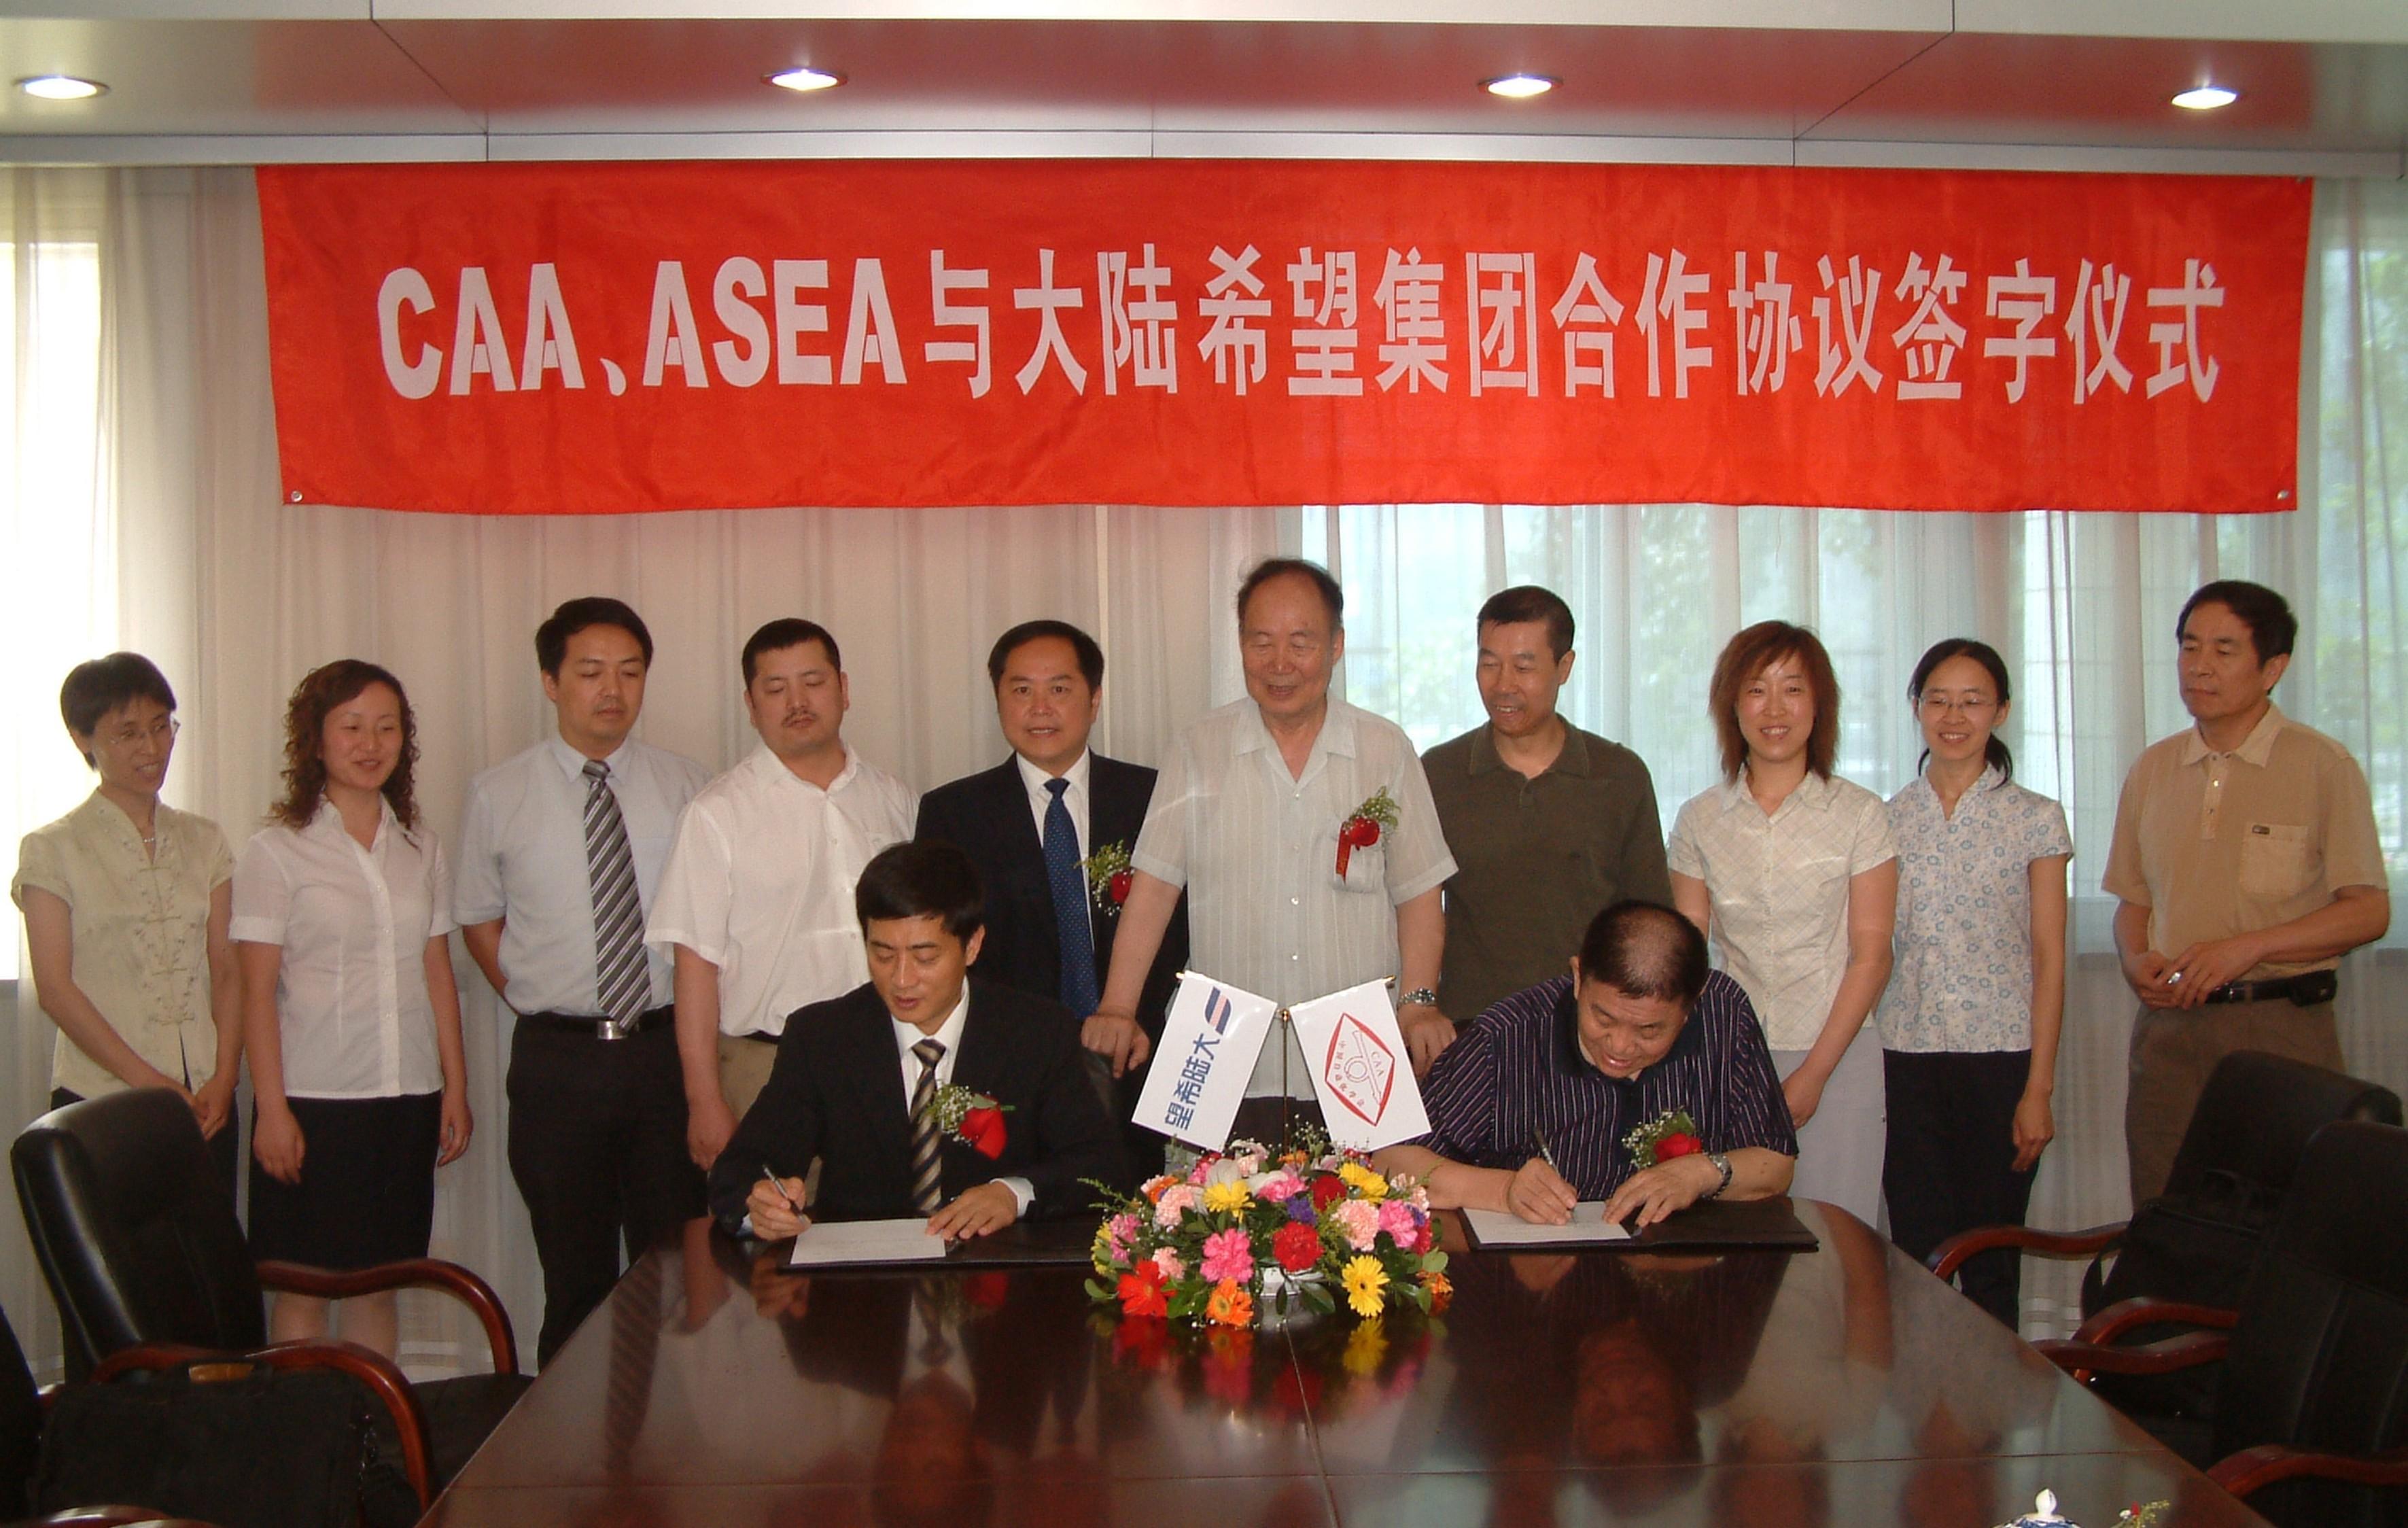 爱游戏安卓版下载最新爱游戏中心与中国自动化学会、ASEA签署战略合作协议